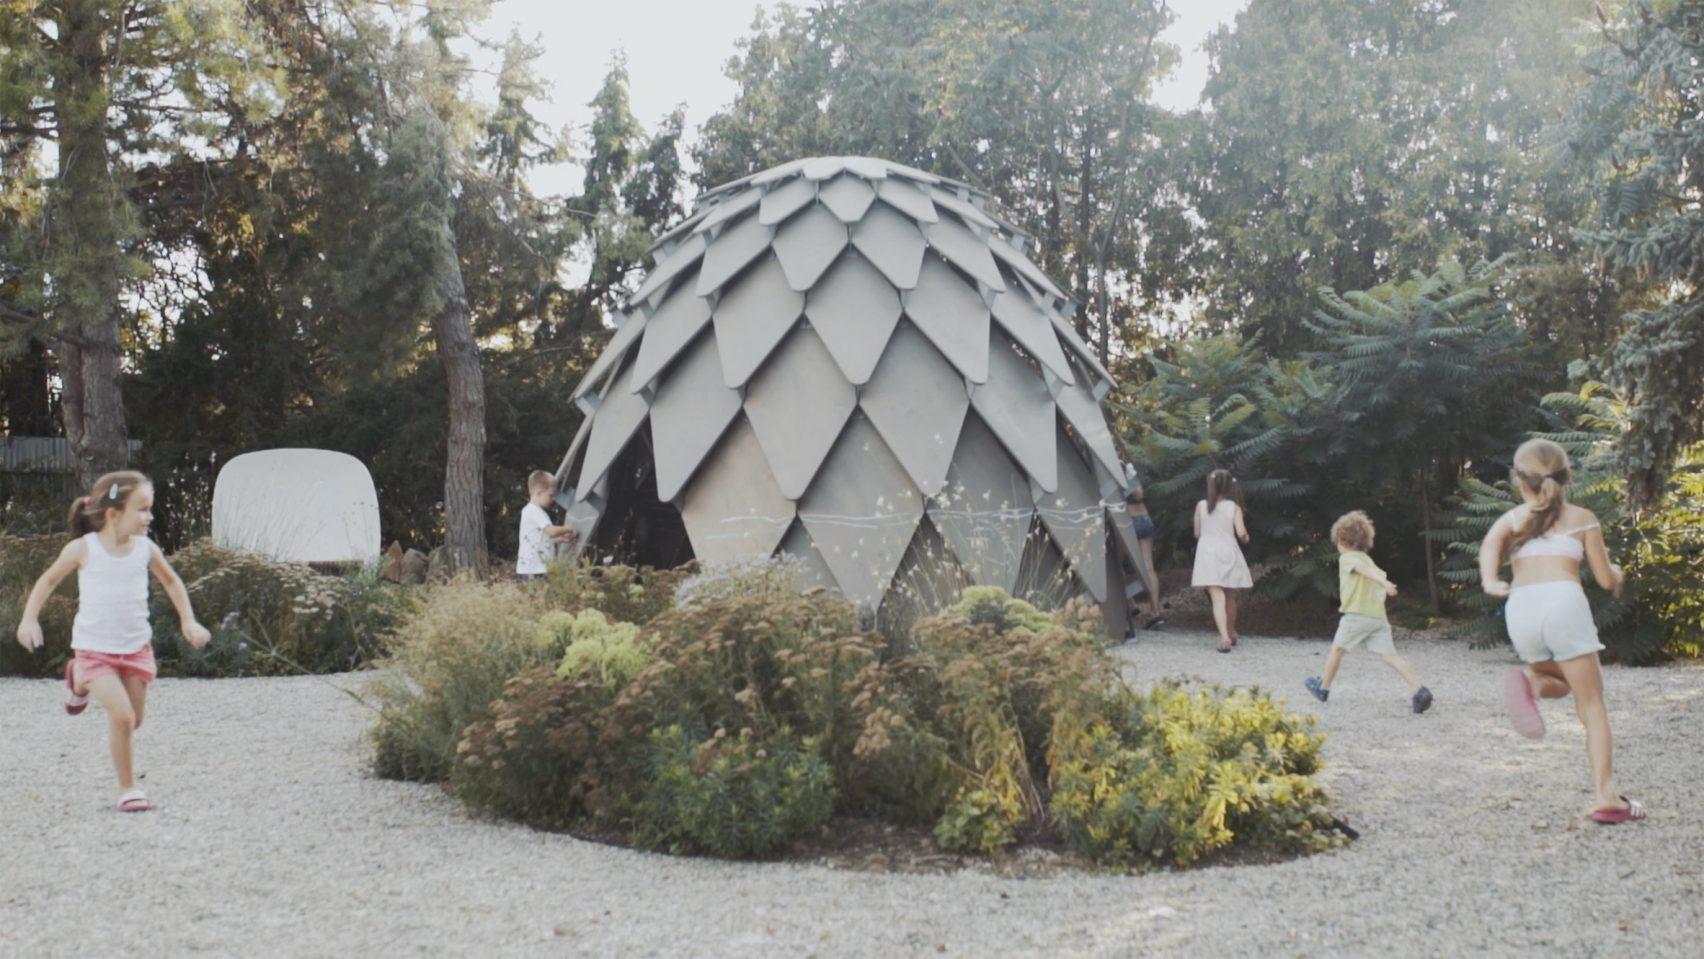 pinecone-mobile-gazebo-atelier-sad-noko-01.jpg